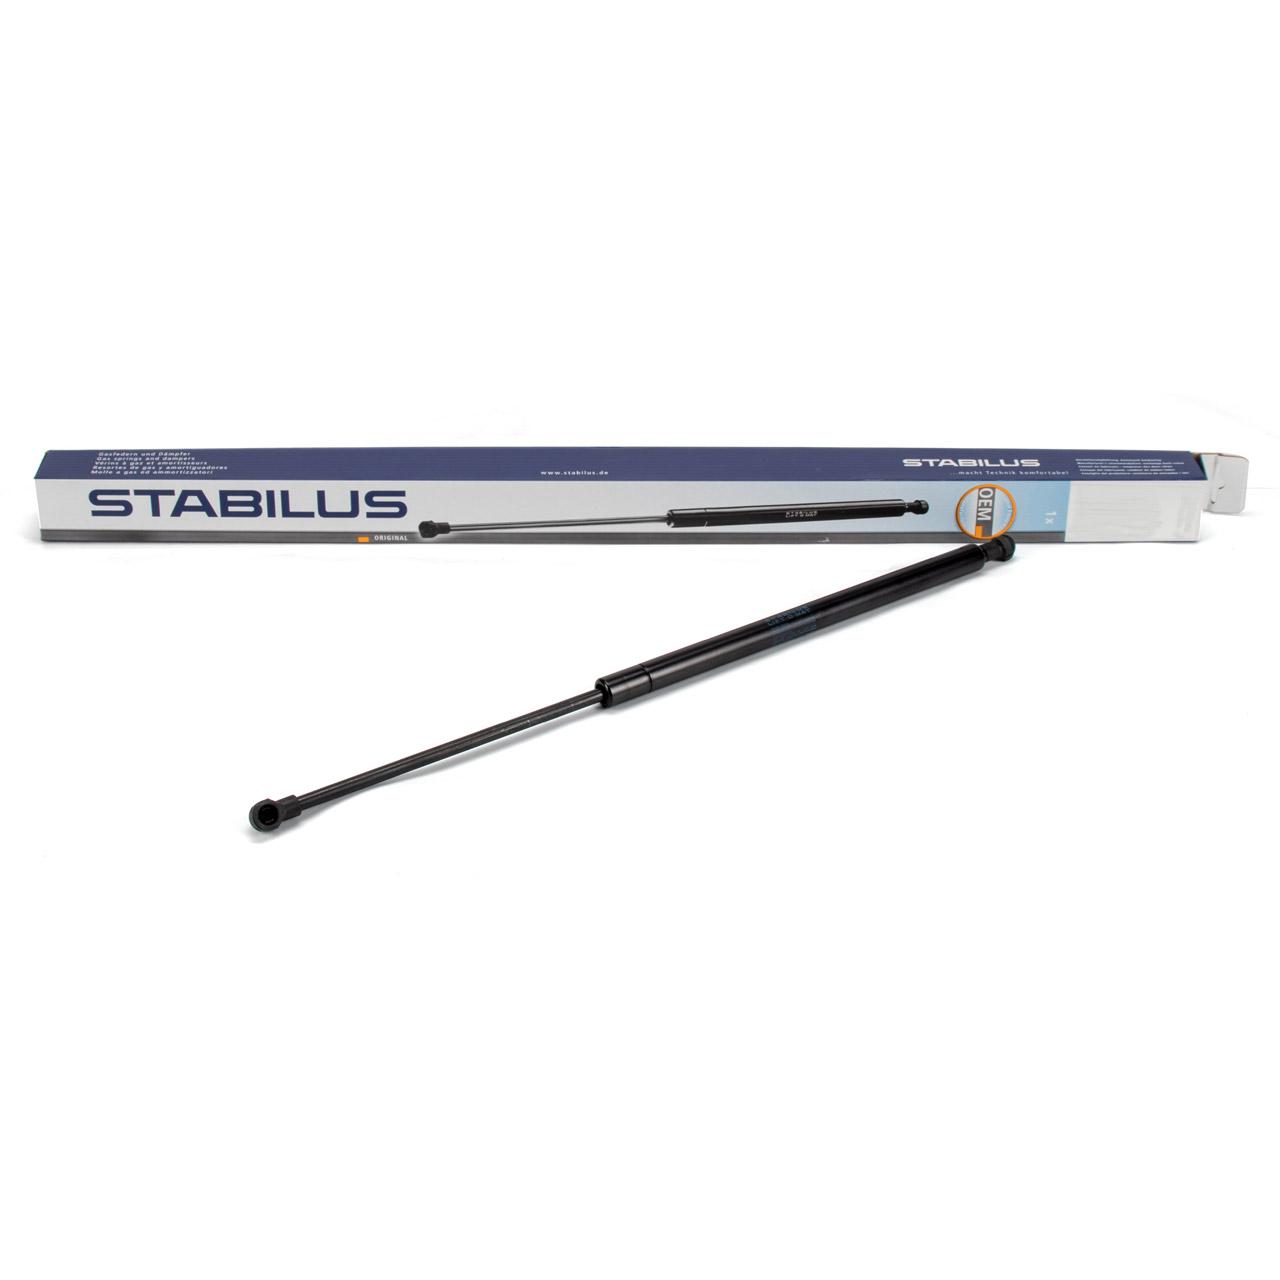 STABILUS 9249HG Heckklappendämpfer Gasdruckdämpfer BMW 3er E36 Touring 51248171158